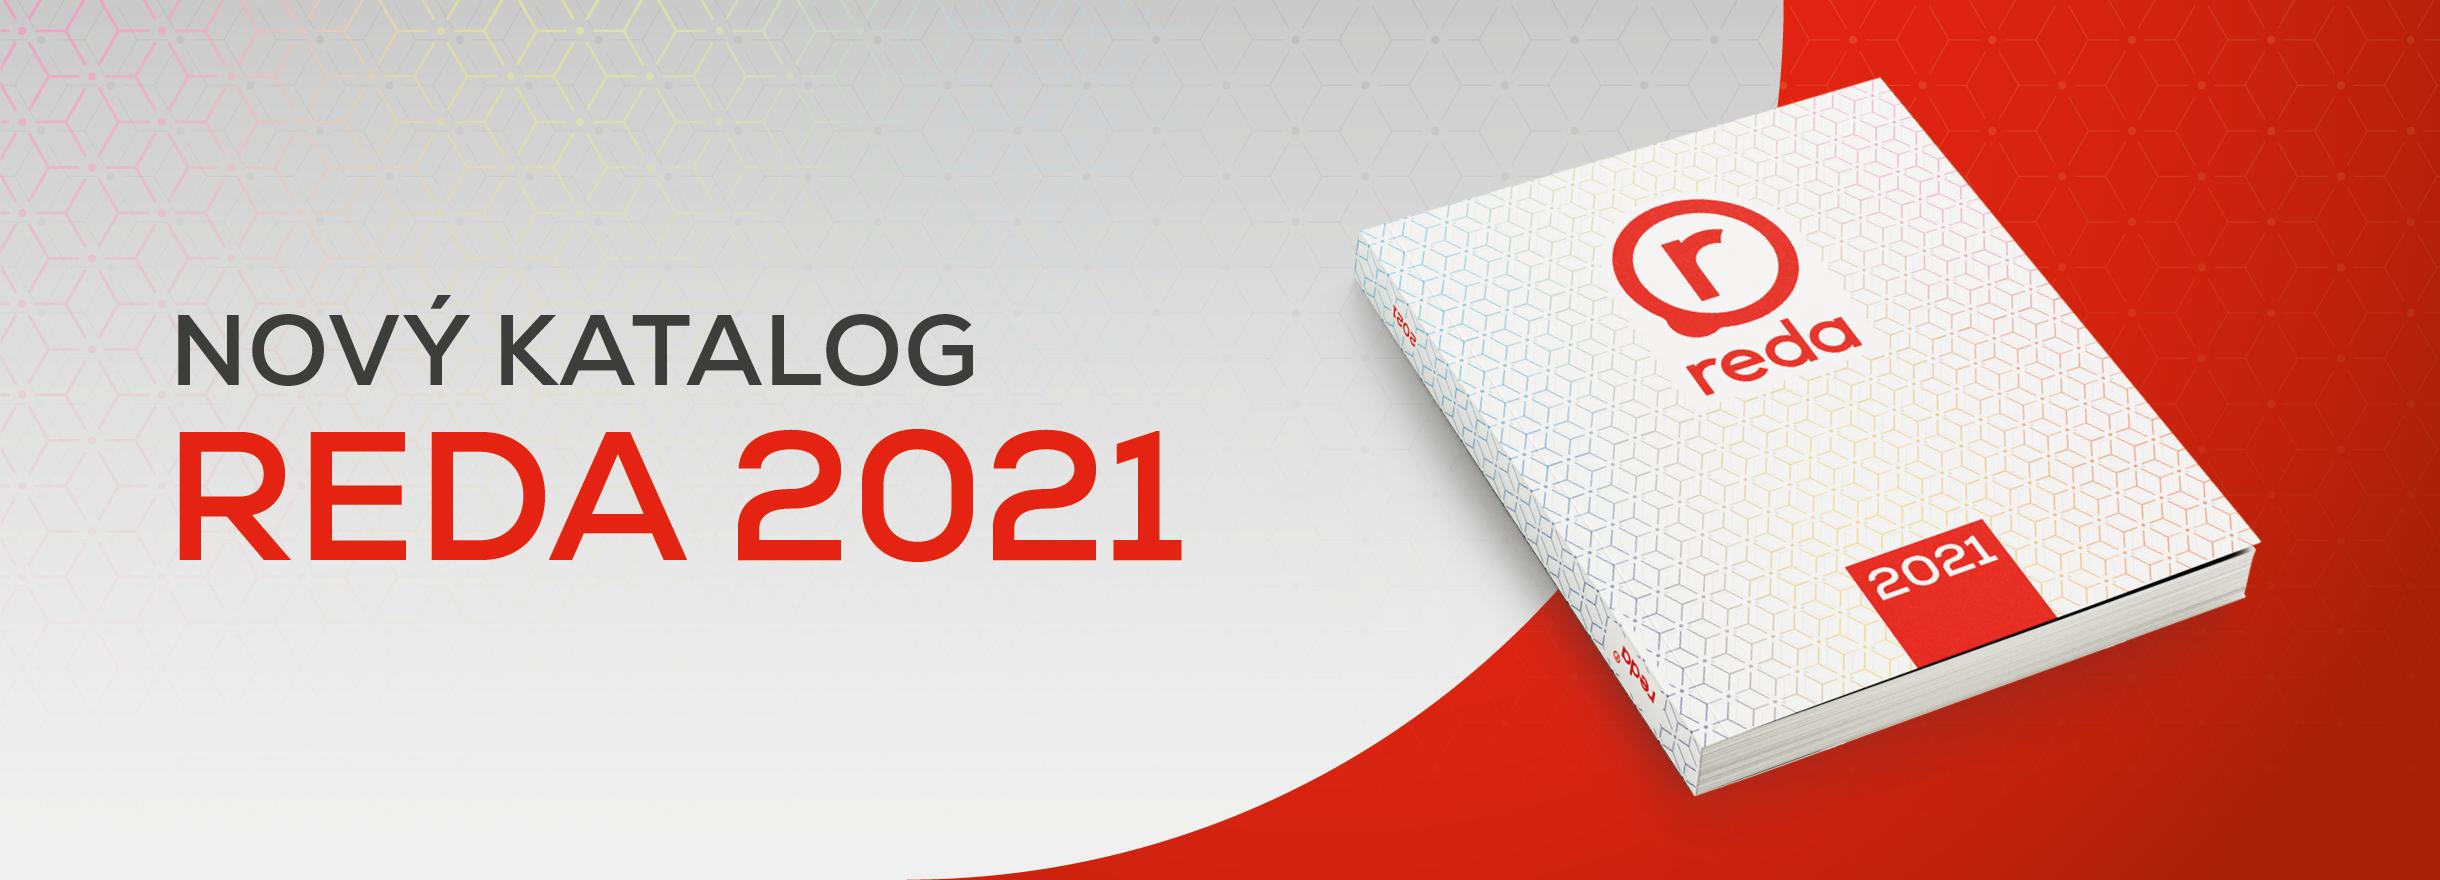 Nový katalog 2021